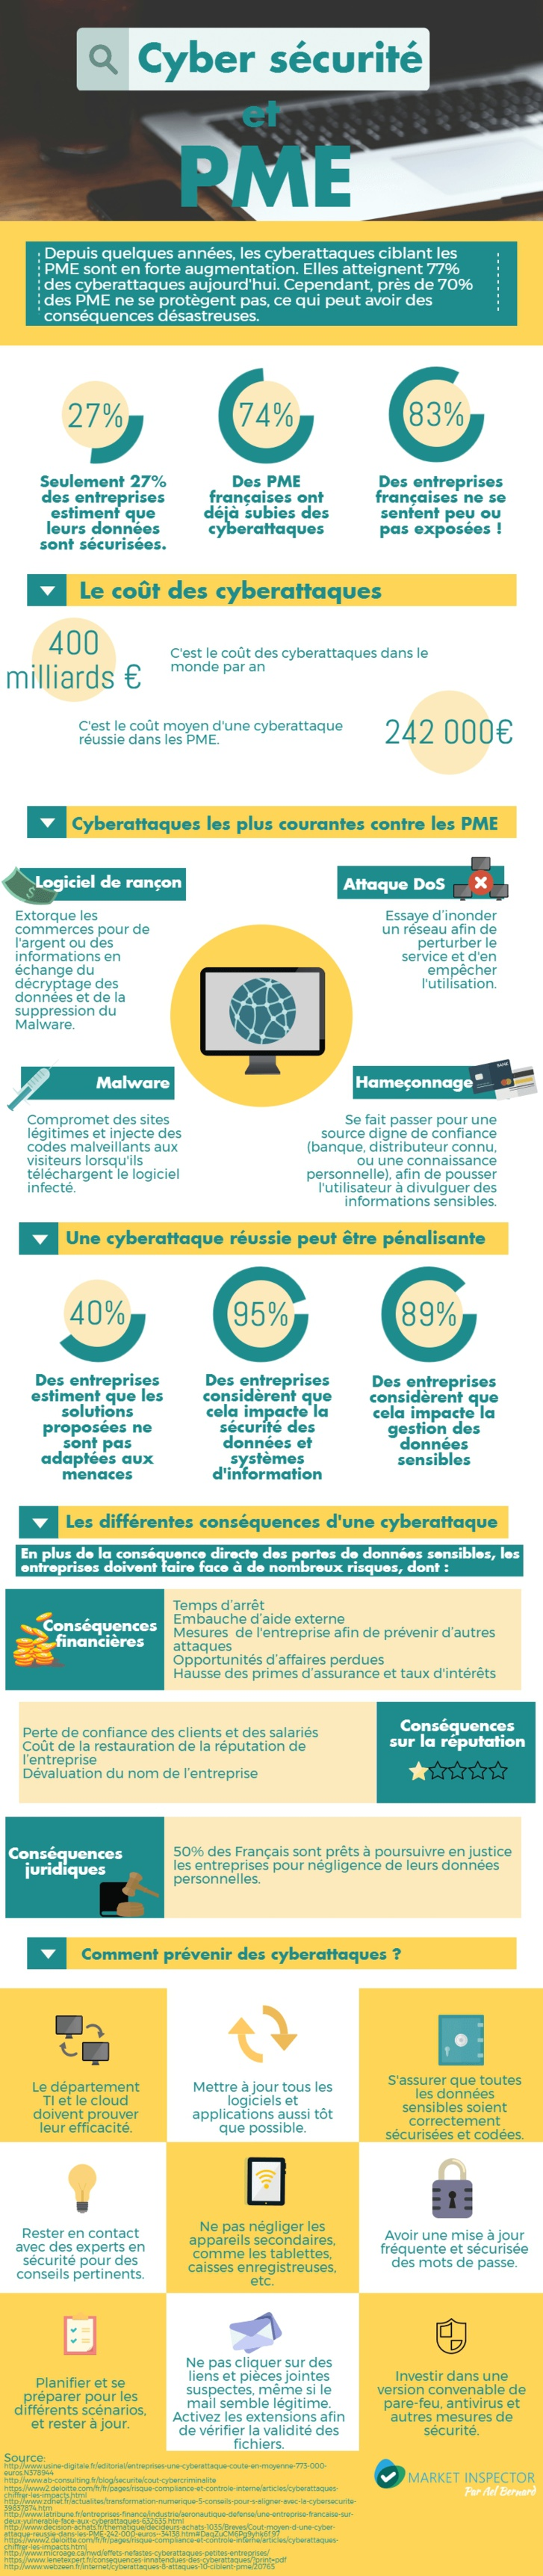 Le risque des cyberattaques pour les PME